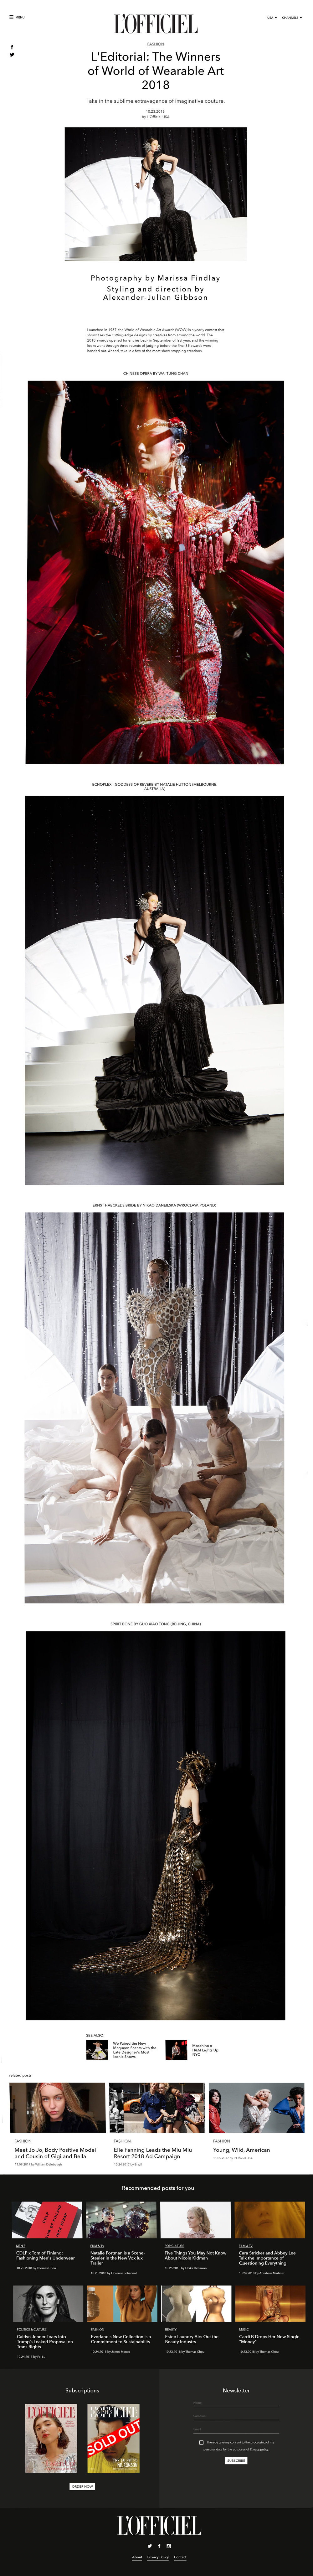 Designer Natalie Hutton L'Officiel USA_23-10-2018_online.jpg